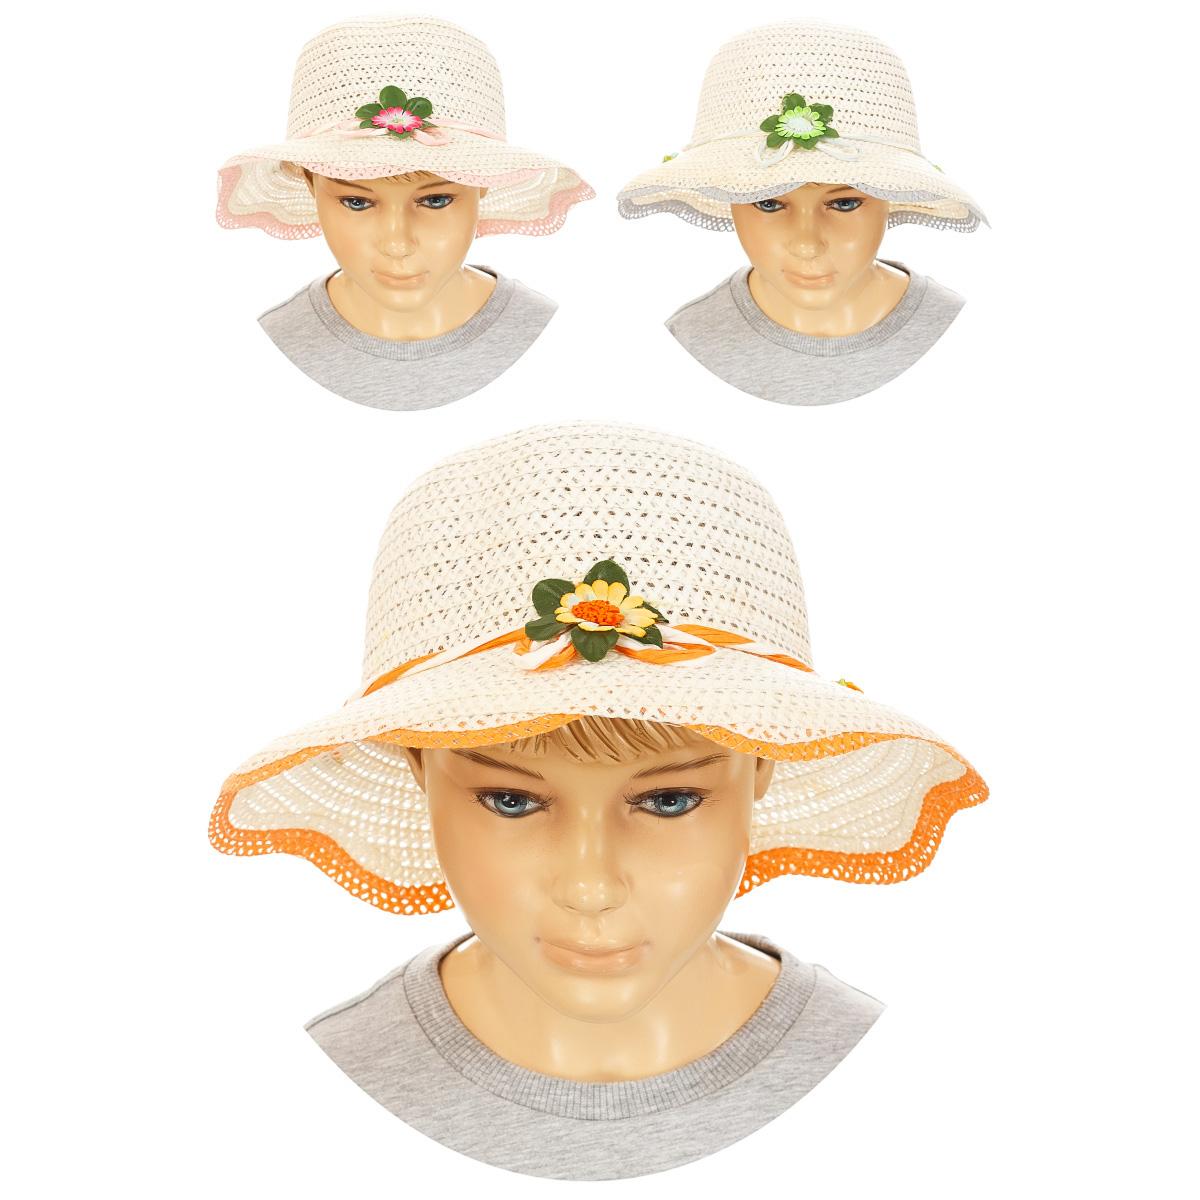 Шапка детская83749-22Летняя шляпа для девочки Yuan Meng станет незаменимым аксессуаром для пляжа и отдыха на природе. Шляпа выполнена из 100% терилена (ПЭТ). Такая шляпка не только защитит малышку от солнца, но и станет стильным дополнением ее гардероба и позволит ей всегда оставаться в центре внимания. Модель украшена соломенной лентой вокруг тульи и дополнена небольшими искусственными цветками. Плетение шляпы обеспечивает необходимую вентиляцию и комфорт даже в самый знойный день. Шляпа легко восстанавливает свою форму после сжатия. Эта милая легкая шляпка надежно защитит глаза вашей дочурки от солнца и позволит ей чувствовать себя комфортно в жаркую летнюю погоду. Уважаемые клиенты! Размер, доступный для заказа, является обхватом головы.